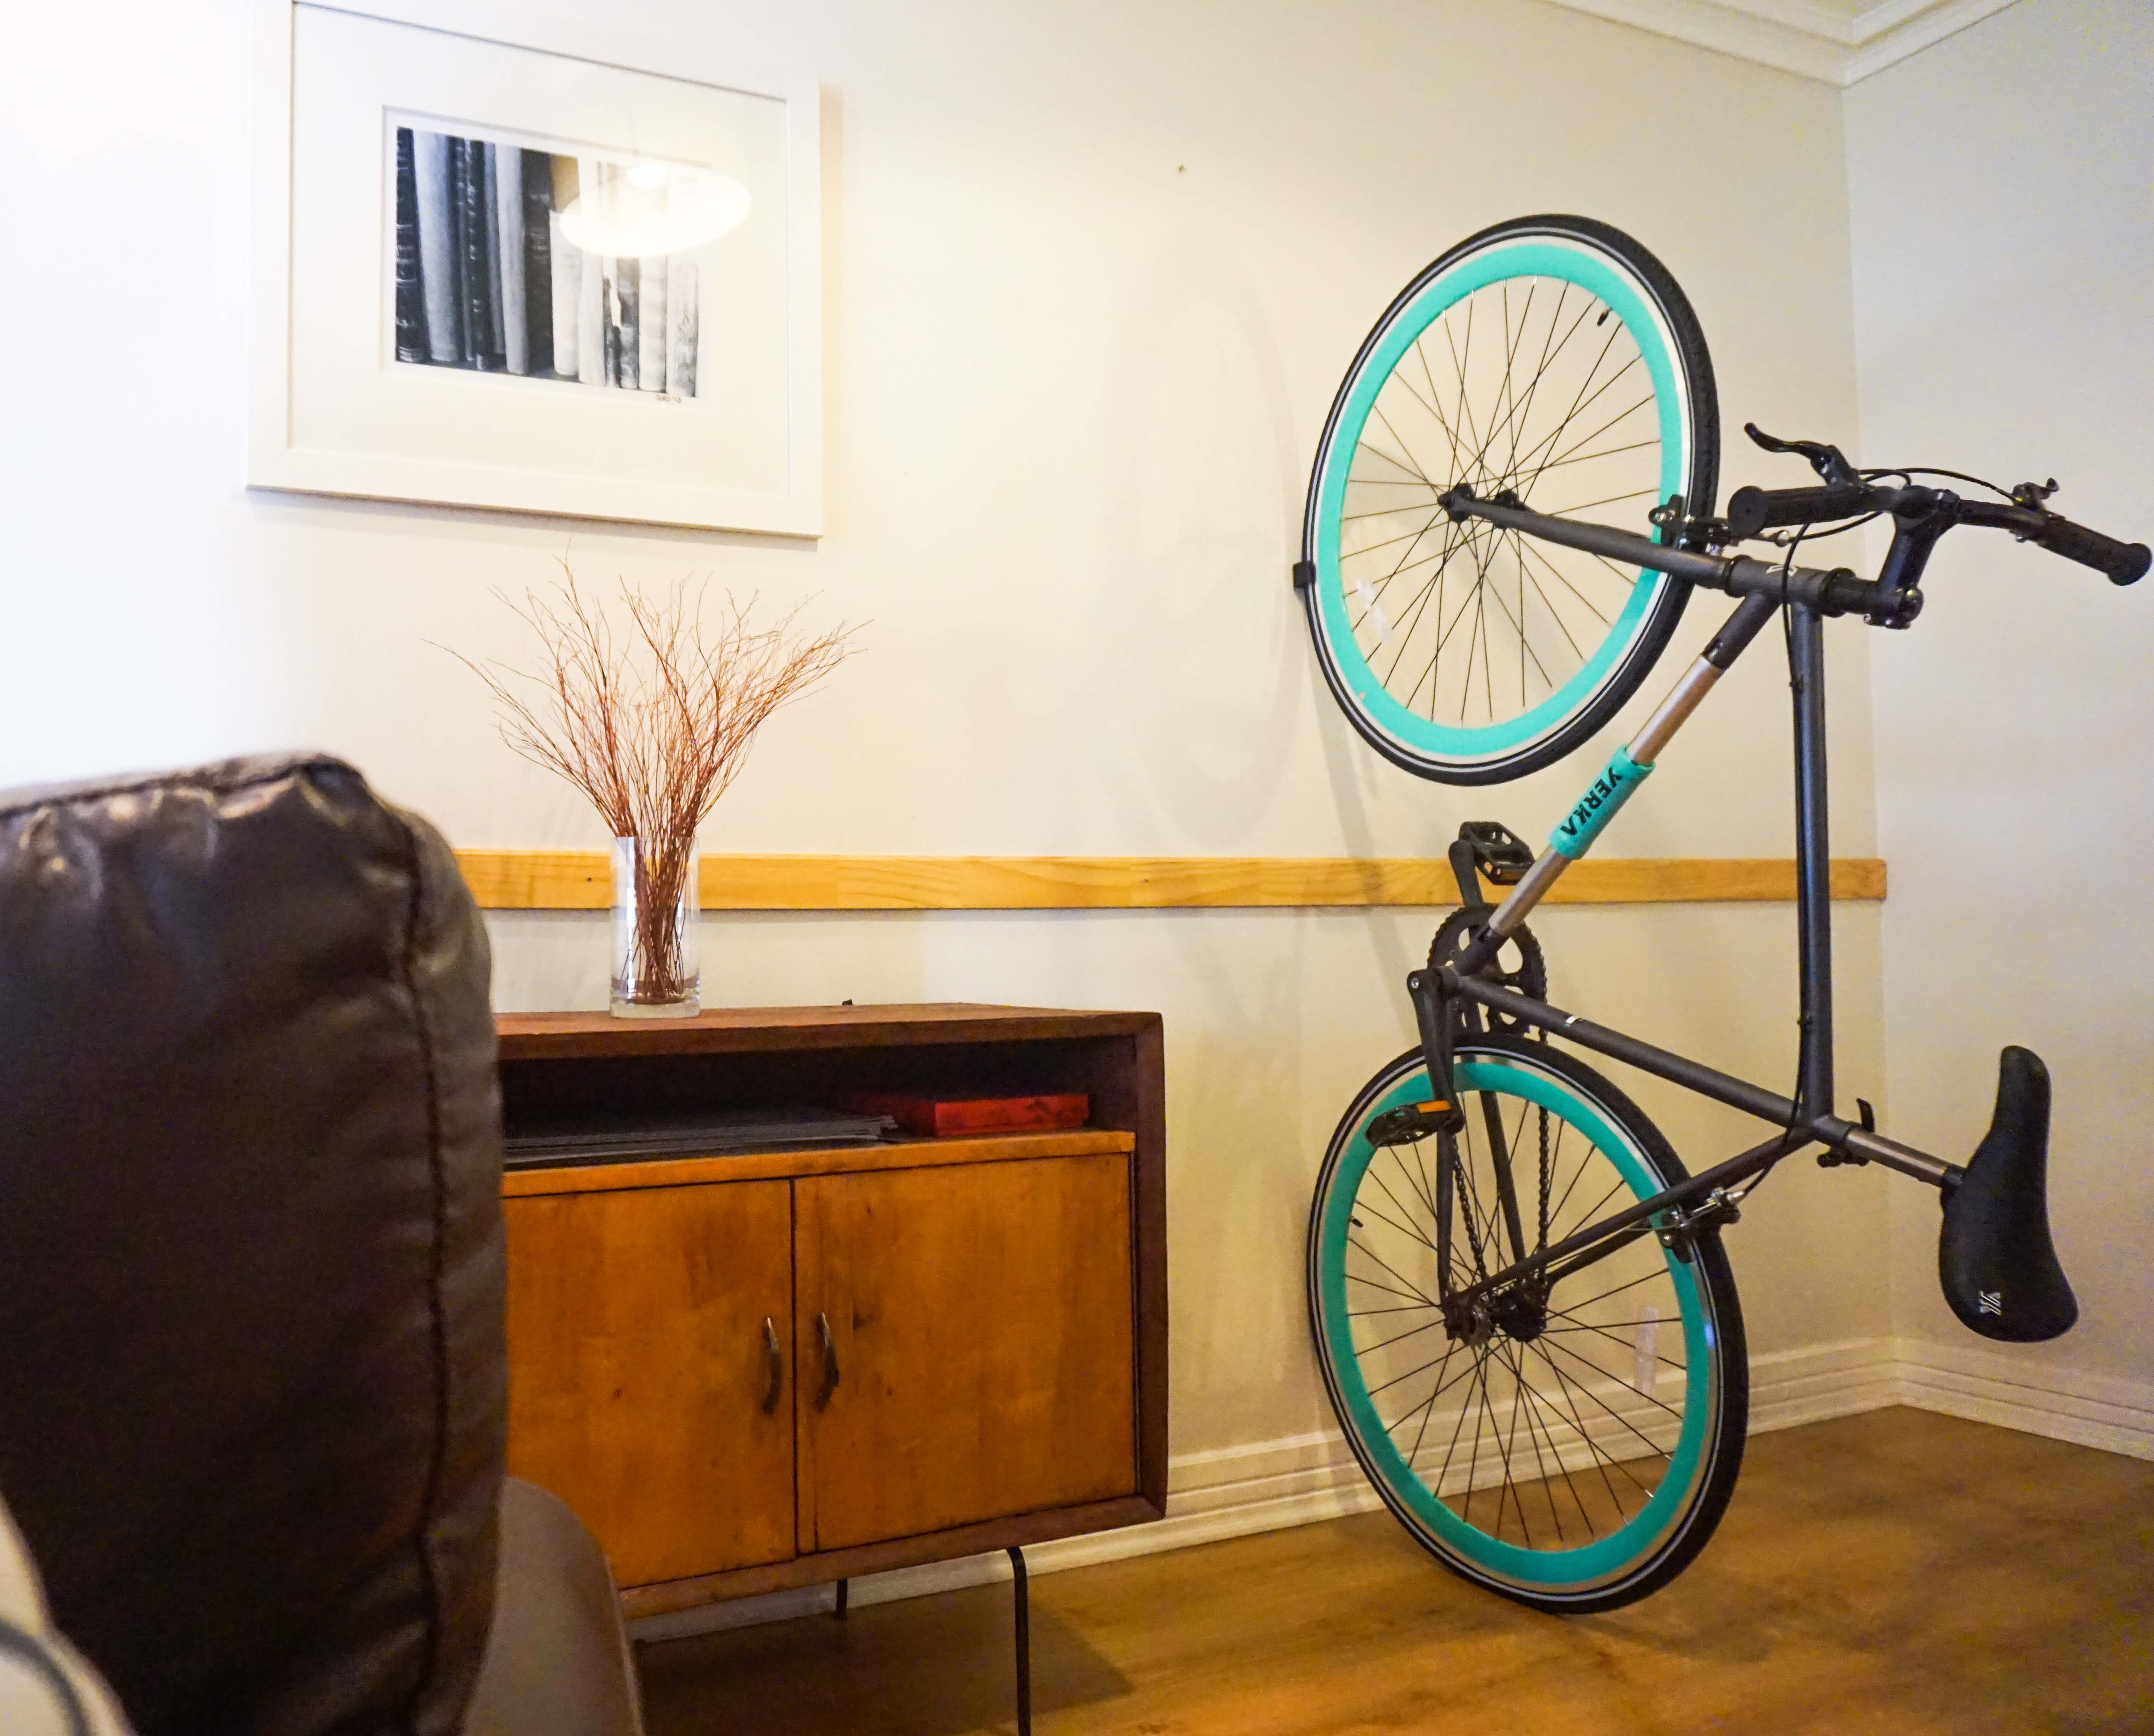 los diseadores de the knife and saw encontraron una solucin increble cuando hay poco espacio para ordenar todo en casa y crearon the bike shelf un uc